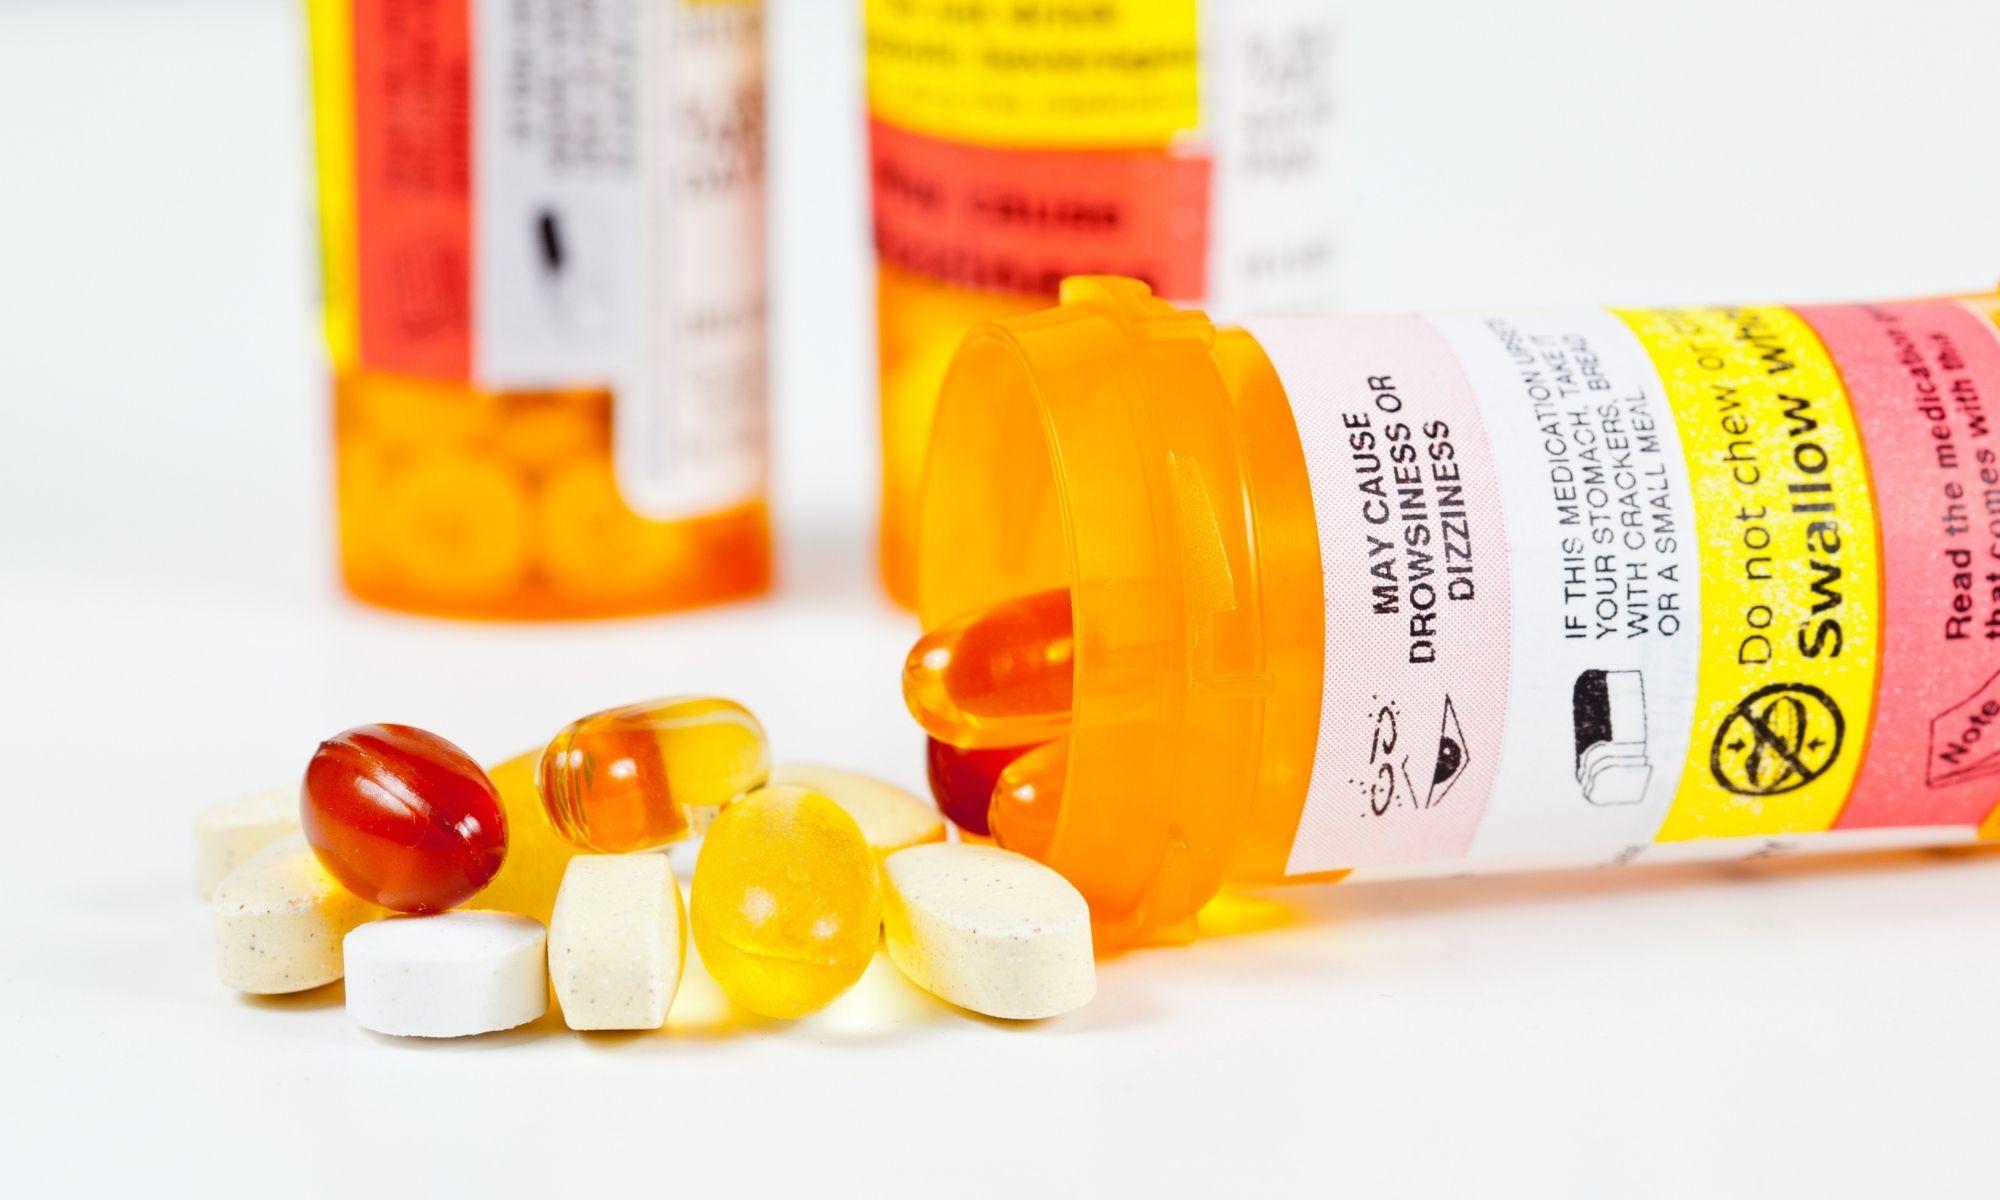 Design Tips for a Safer Medication Label